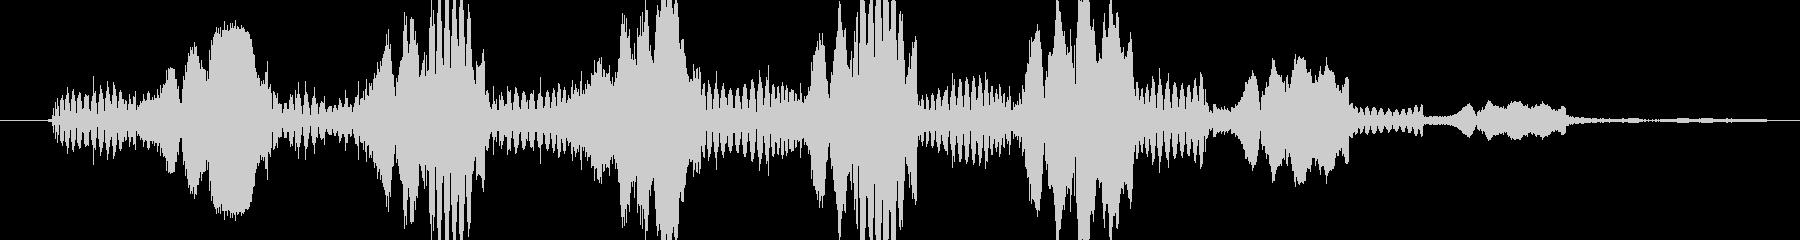 シンセ ショットテクノウォブルロー03の未再生の波形